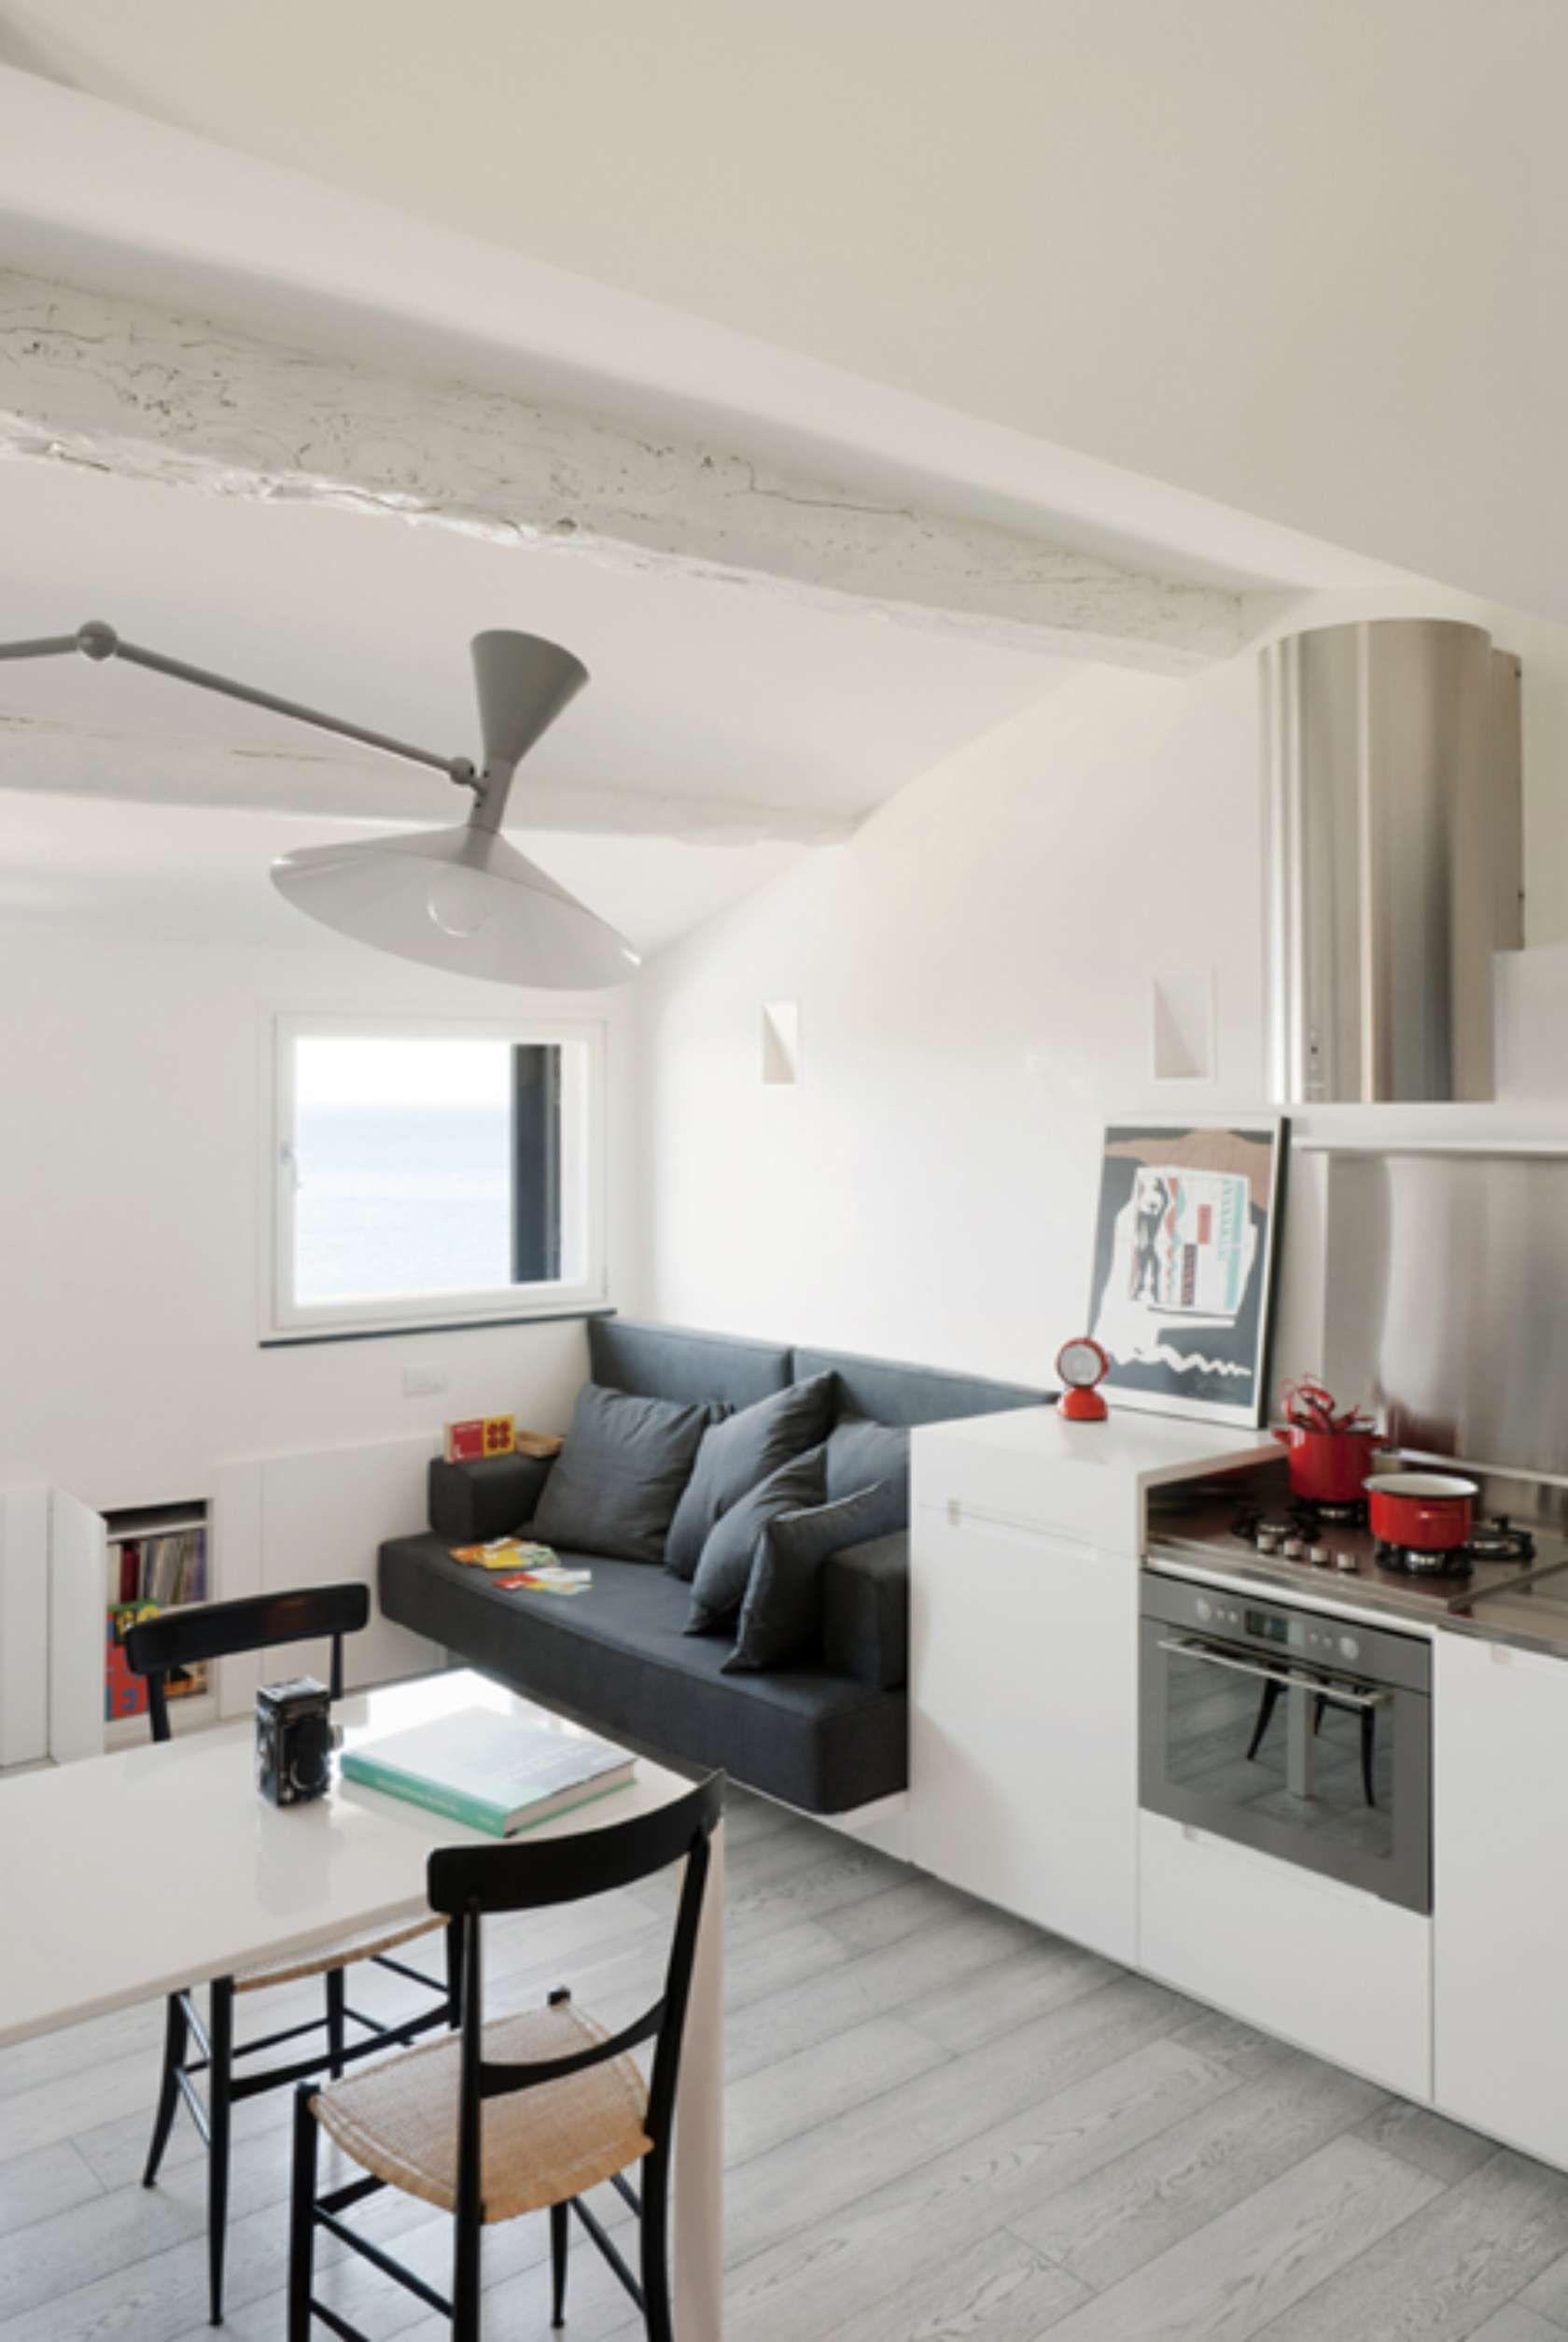 Идеи для кухни студии с диванчиком со столом фото